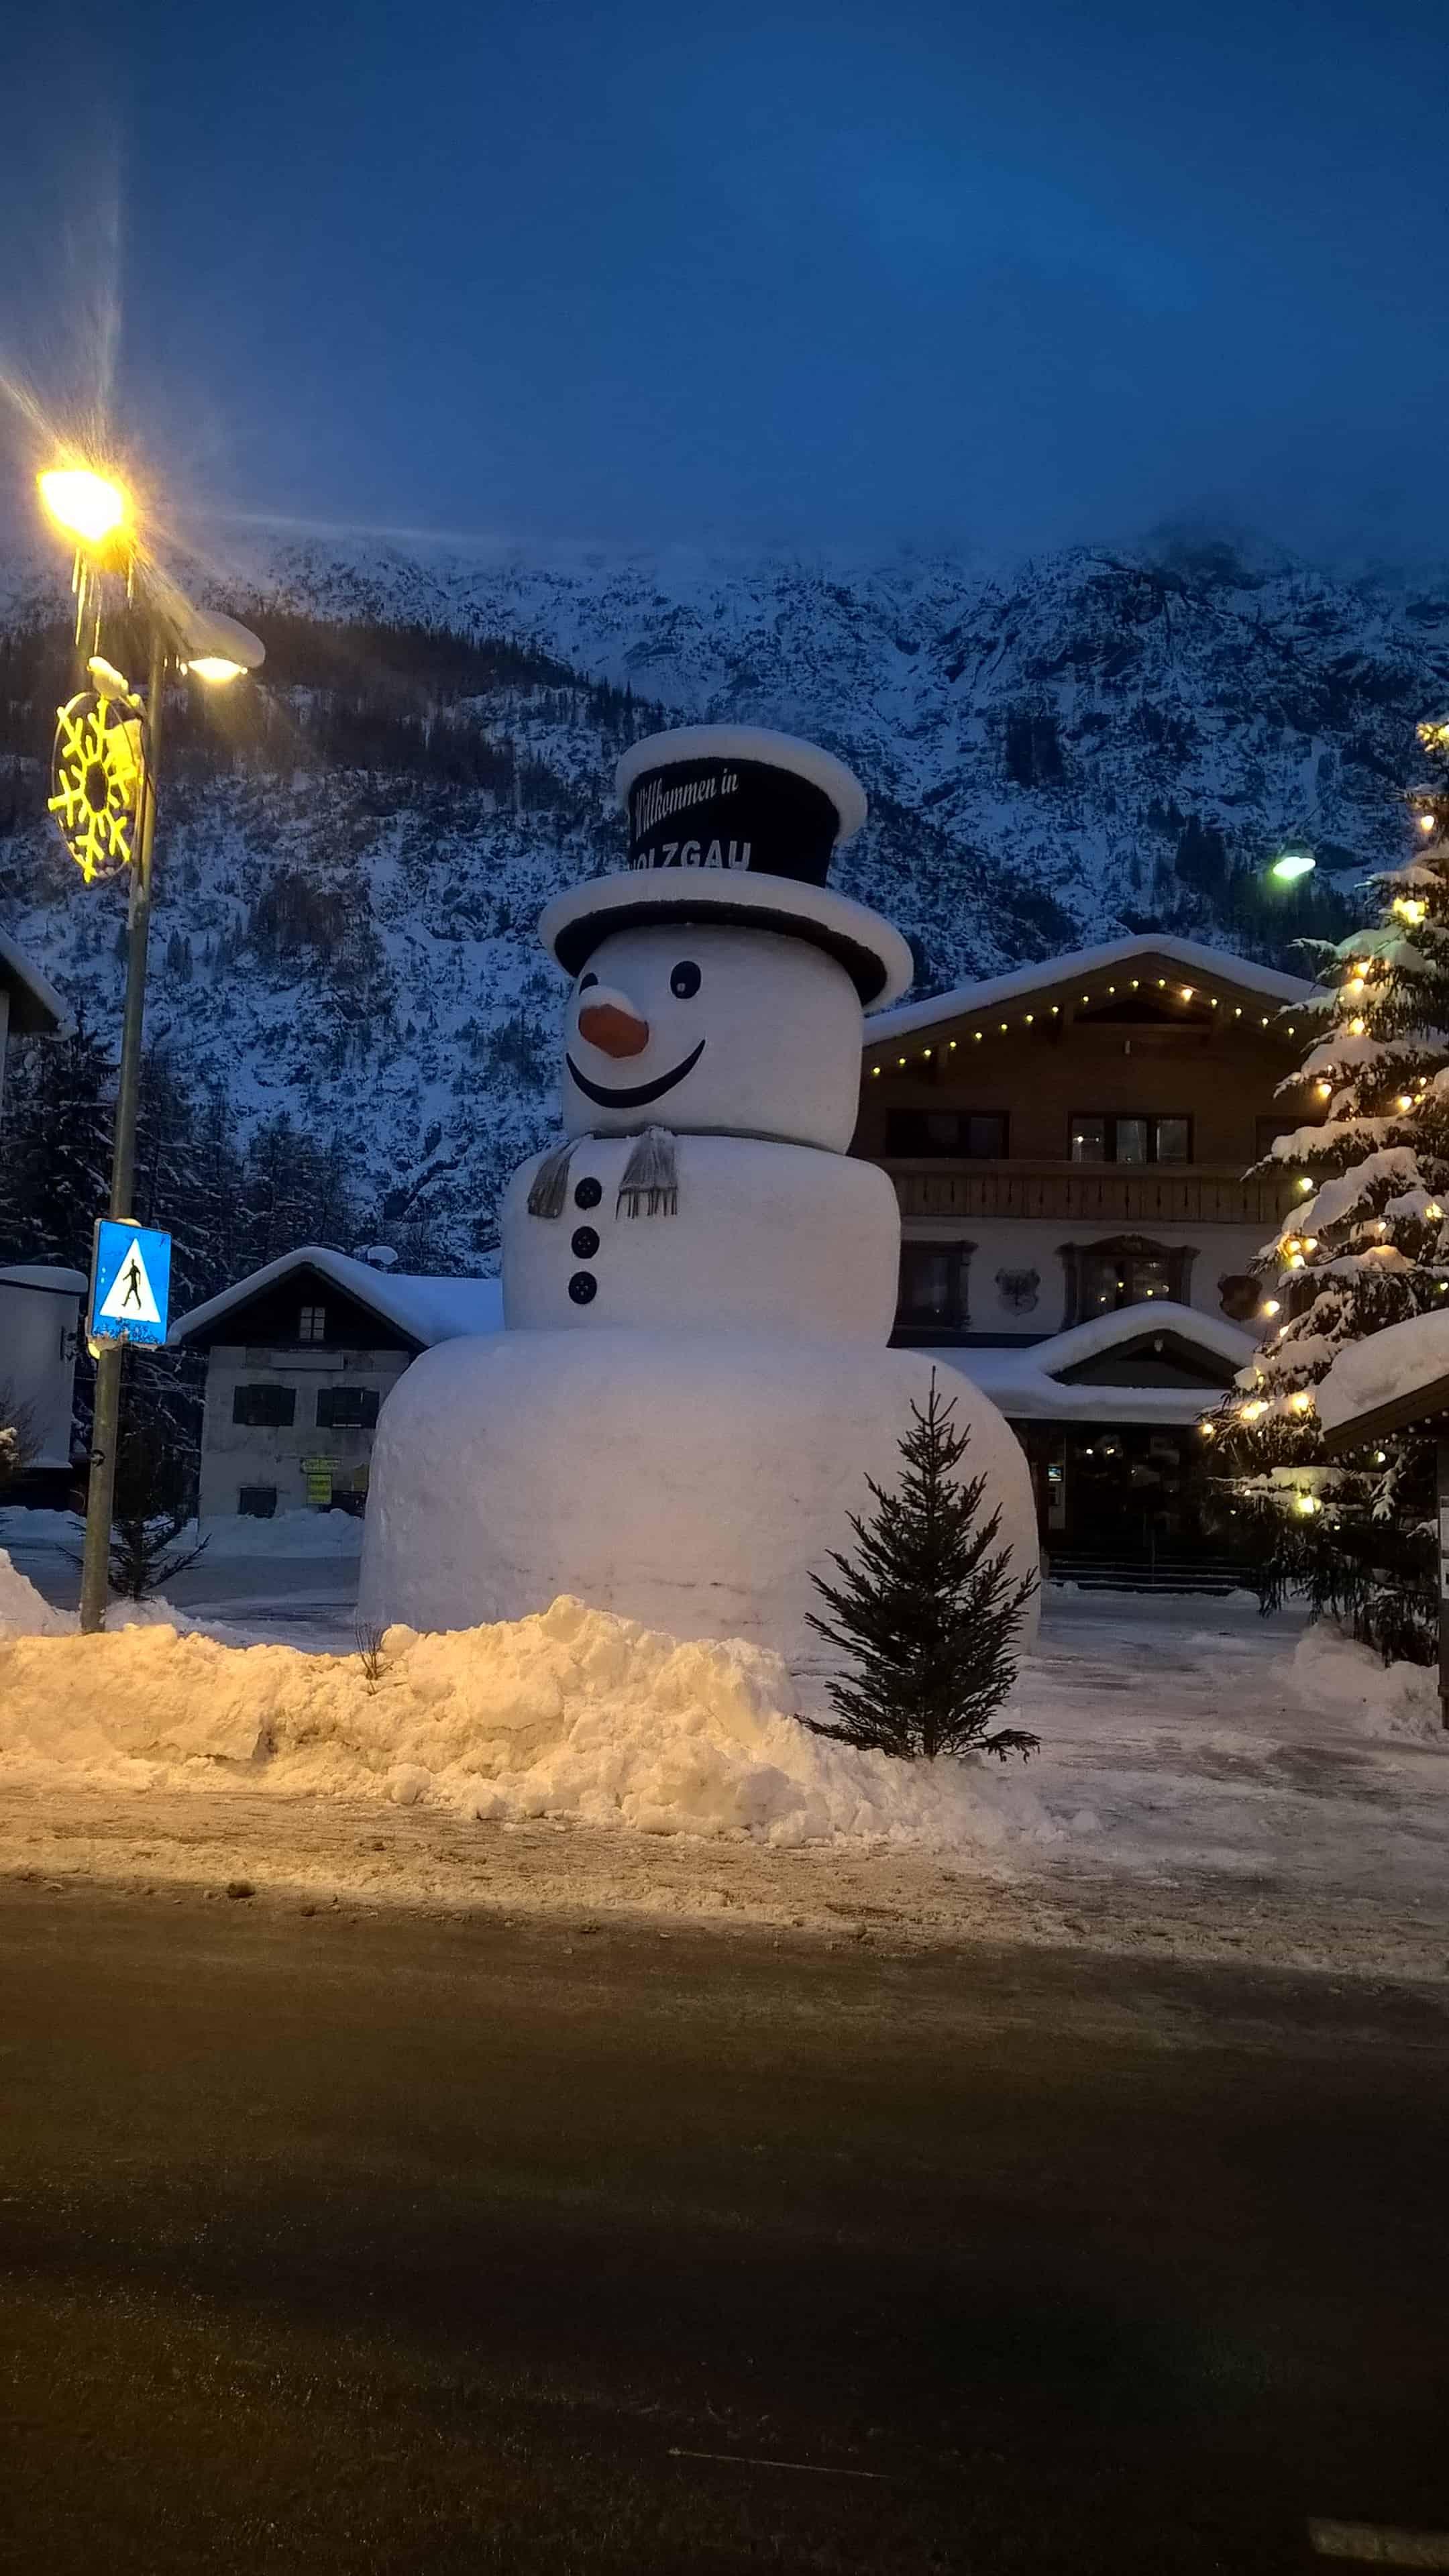 Schneemann Wintersaison 2017-2018 am Dorfplatz von Holzgau